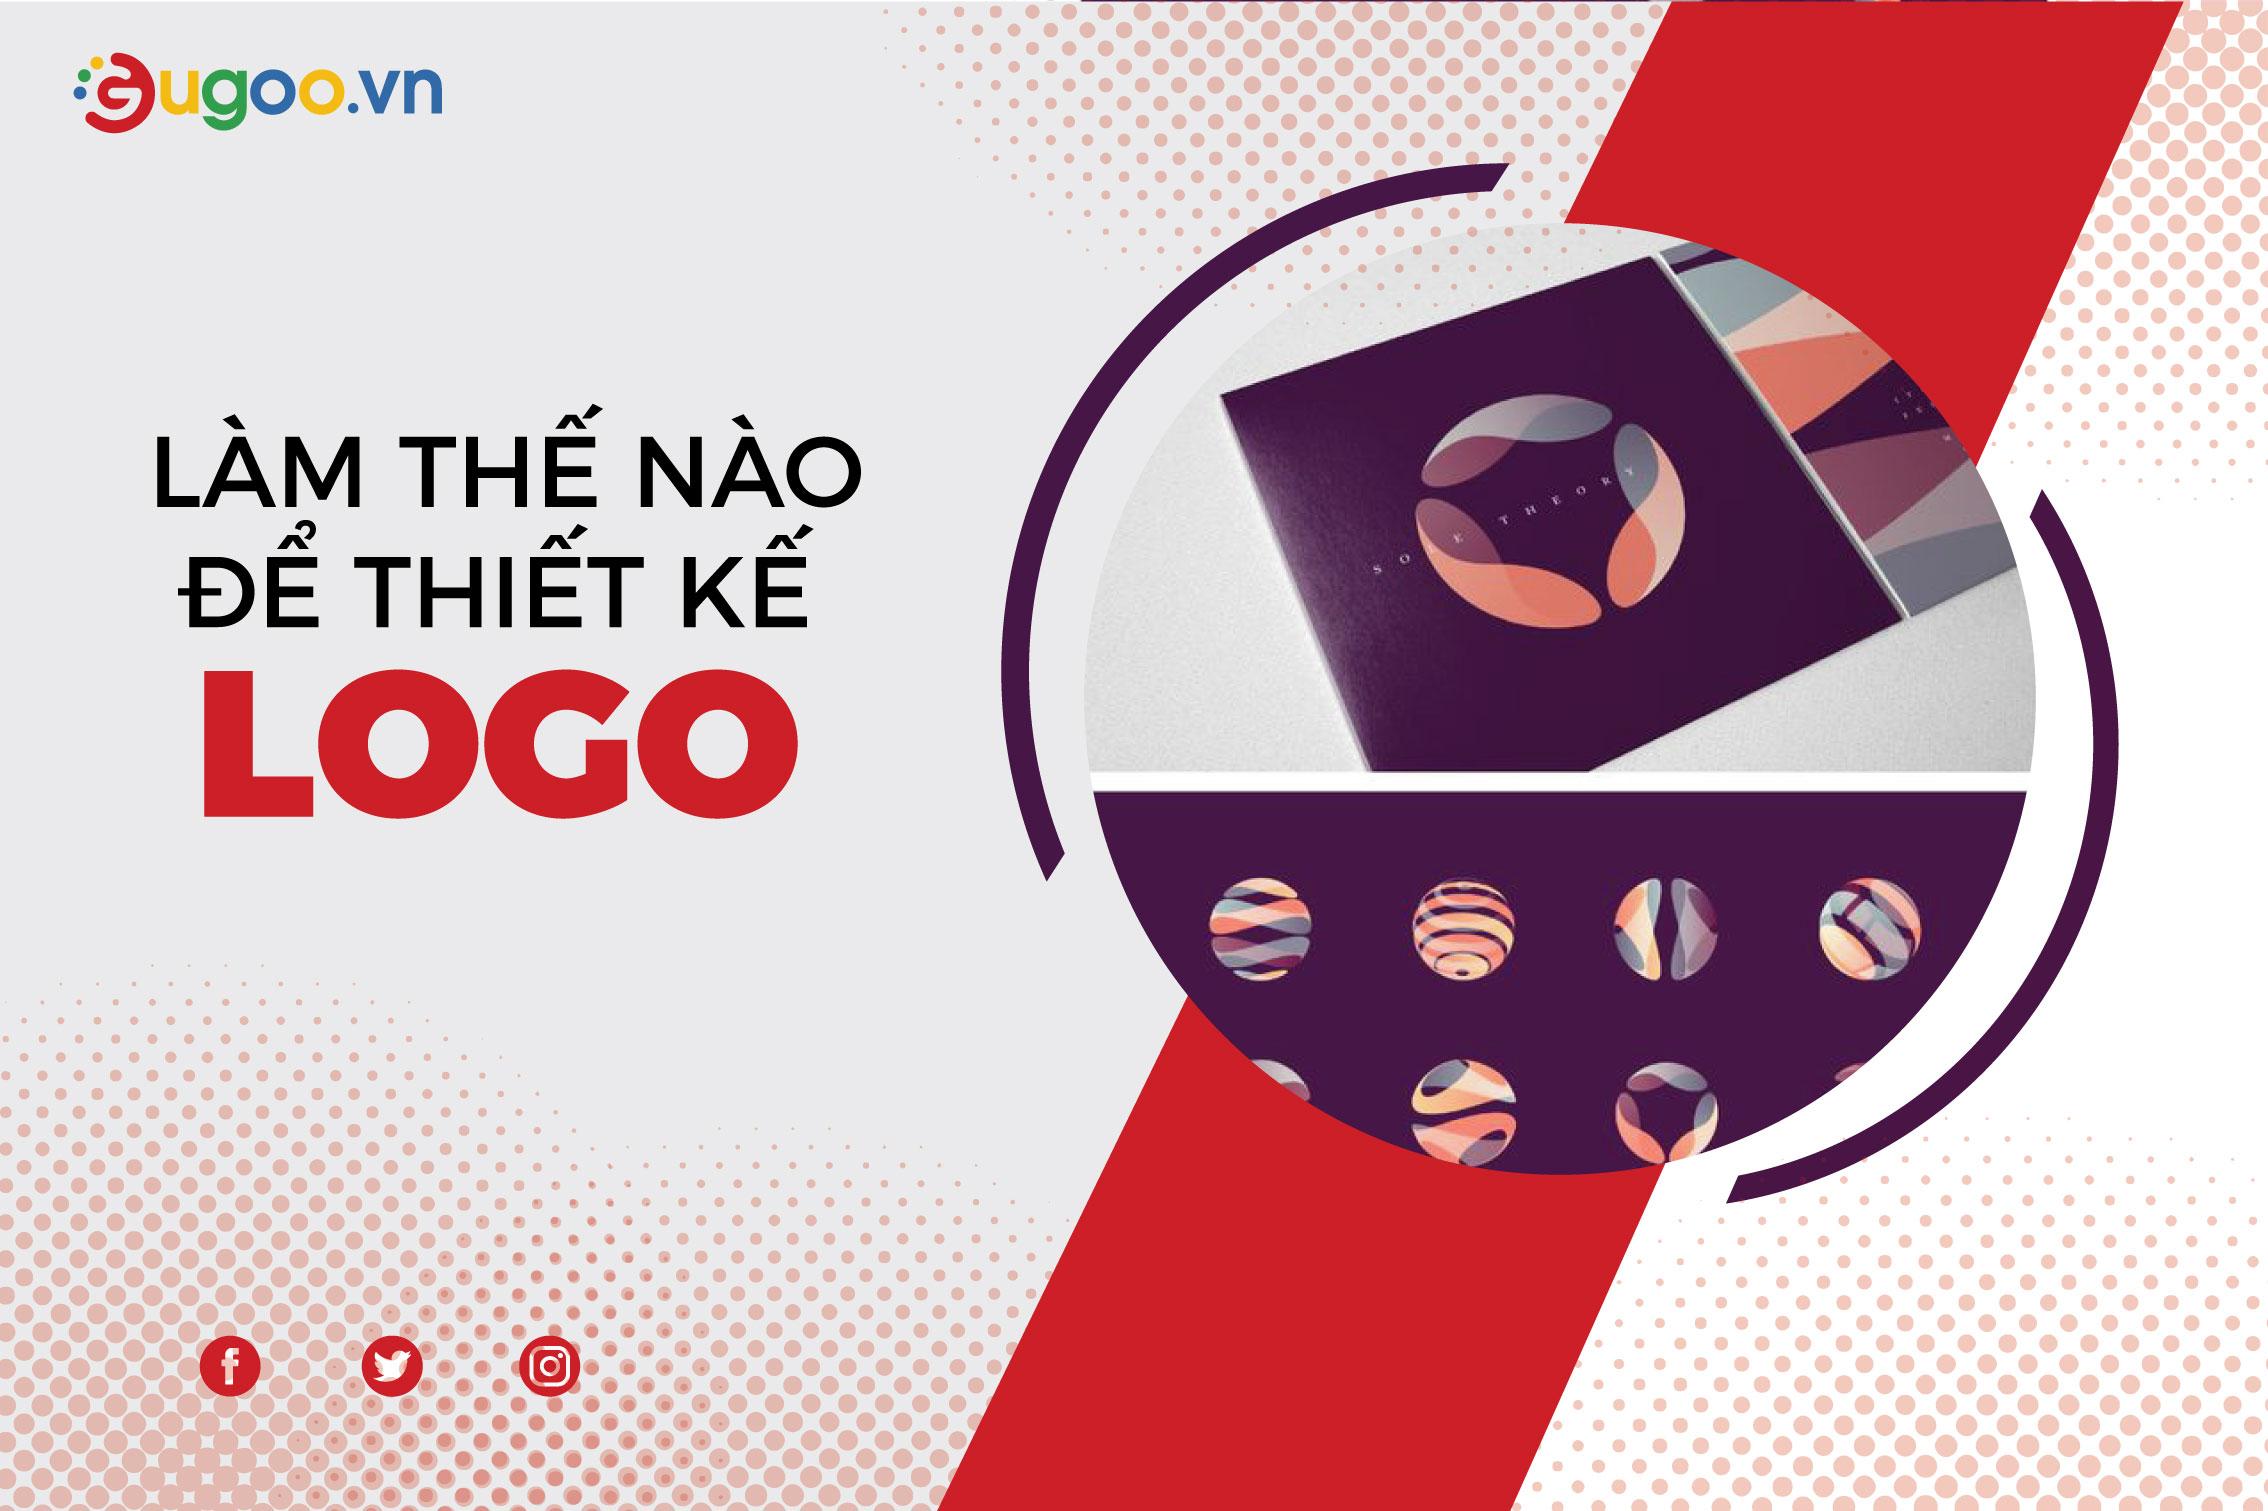 lam the nao de thiet ke logo